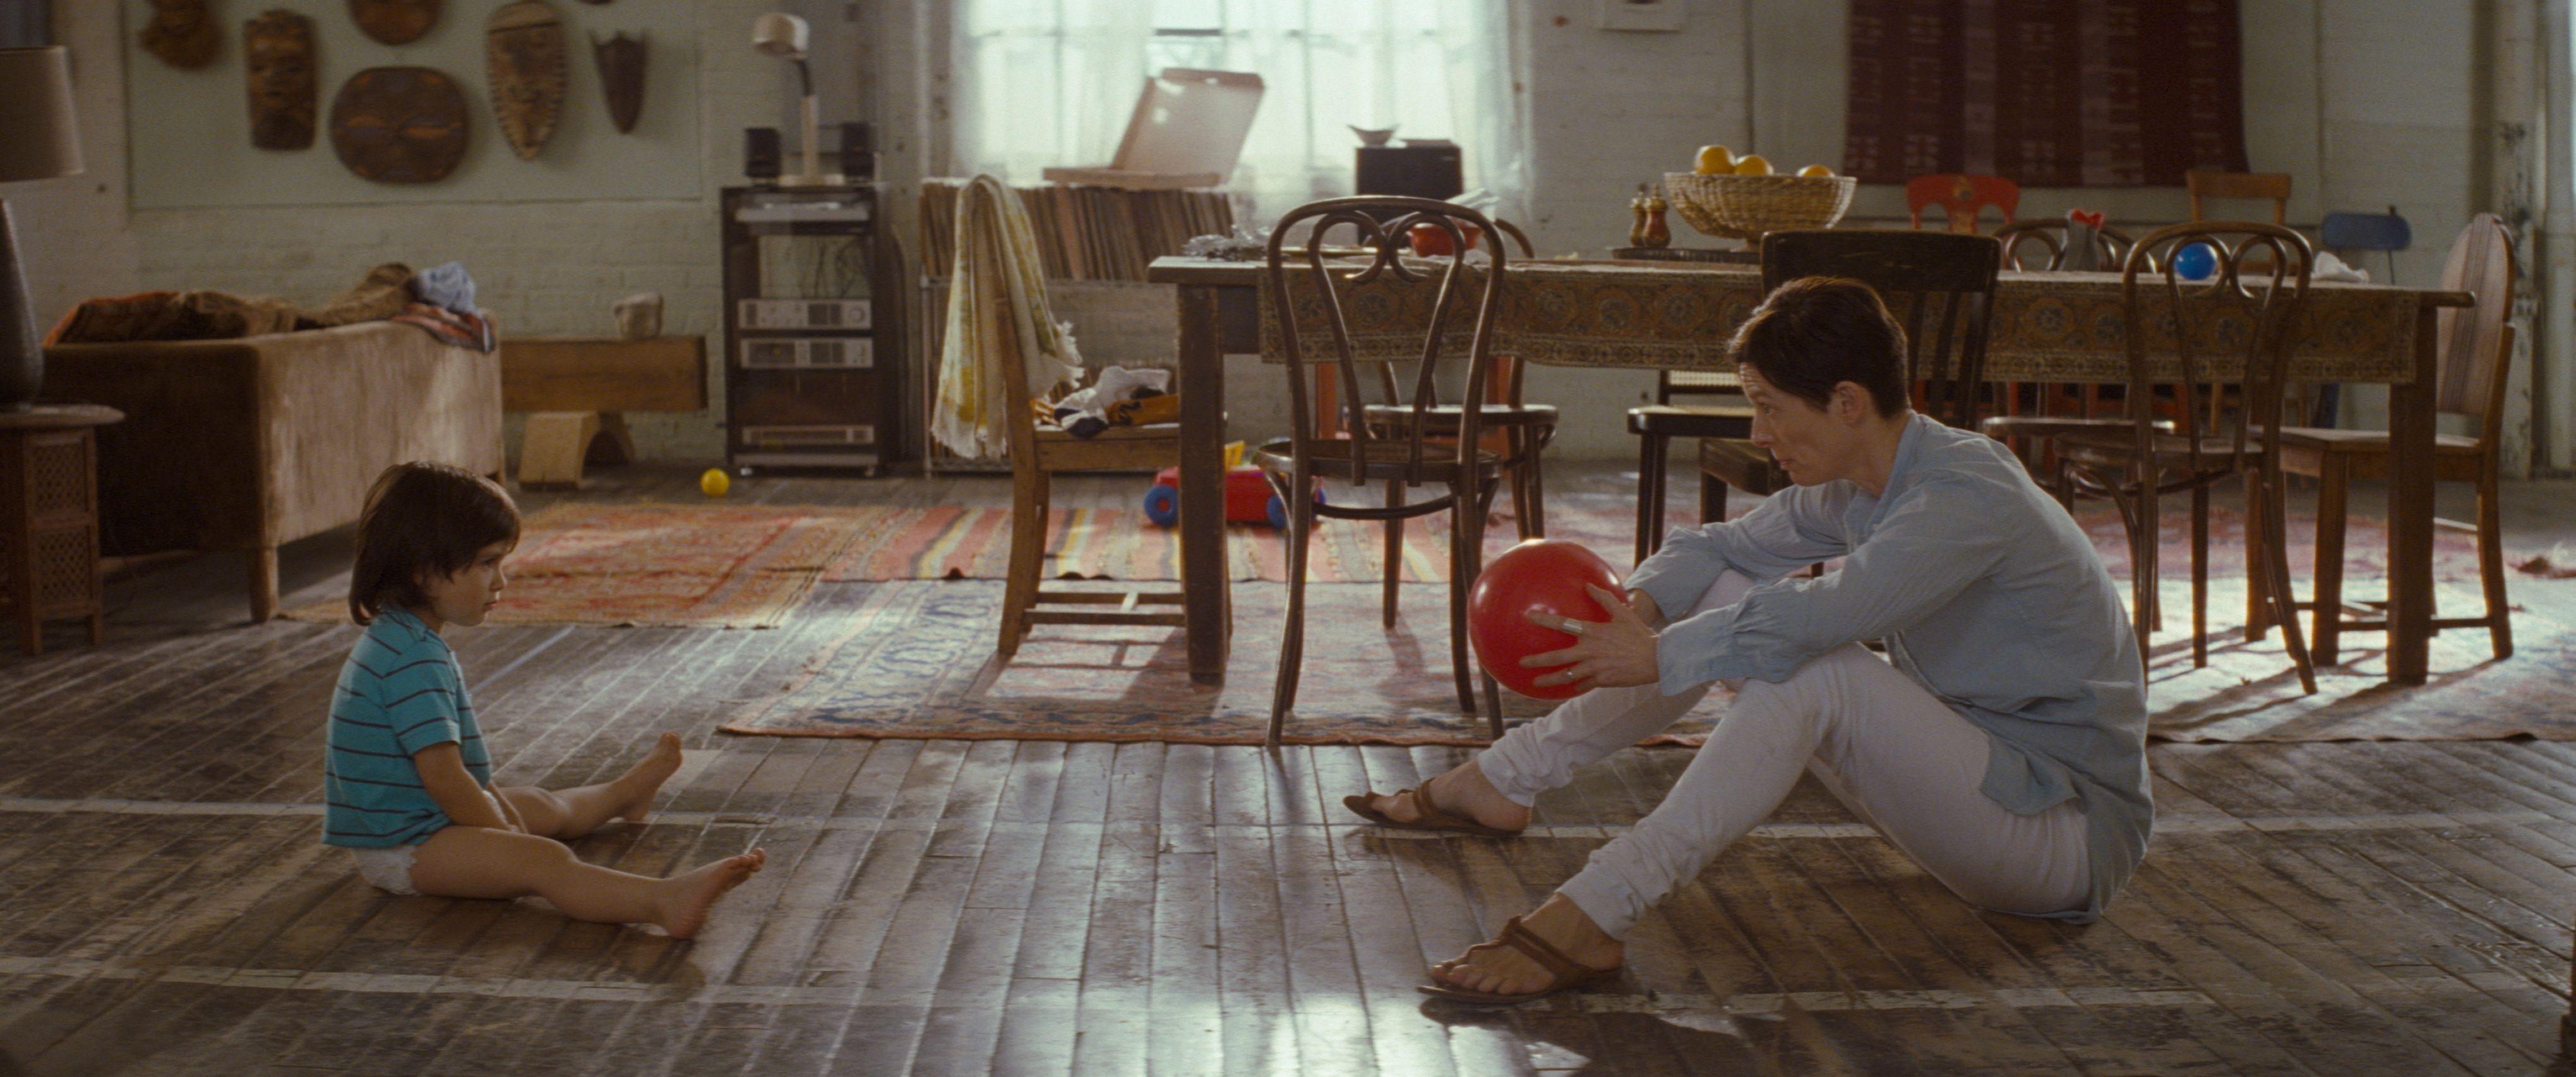 кадры из фильма Что-то не так с Кевином Тильда Суинтон,